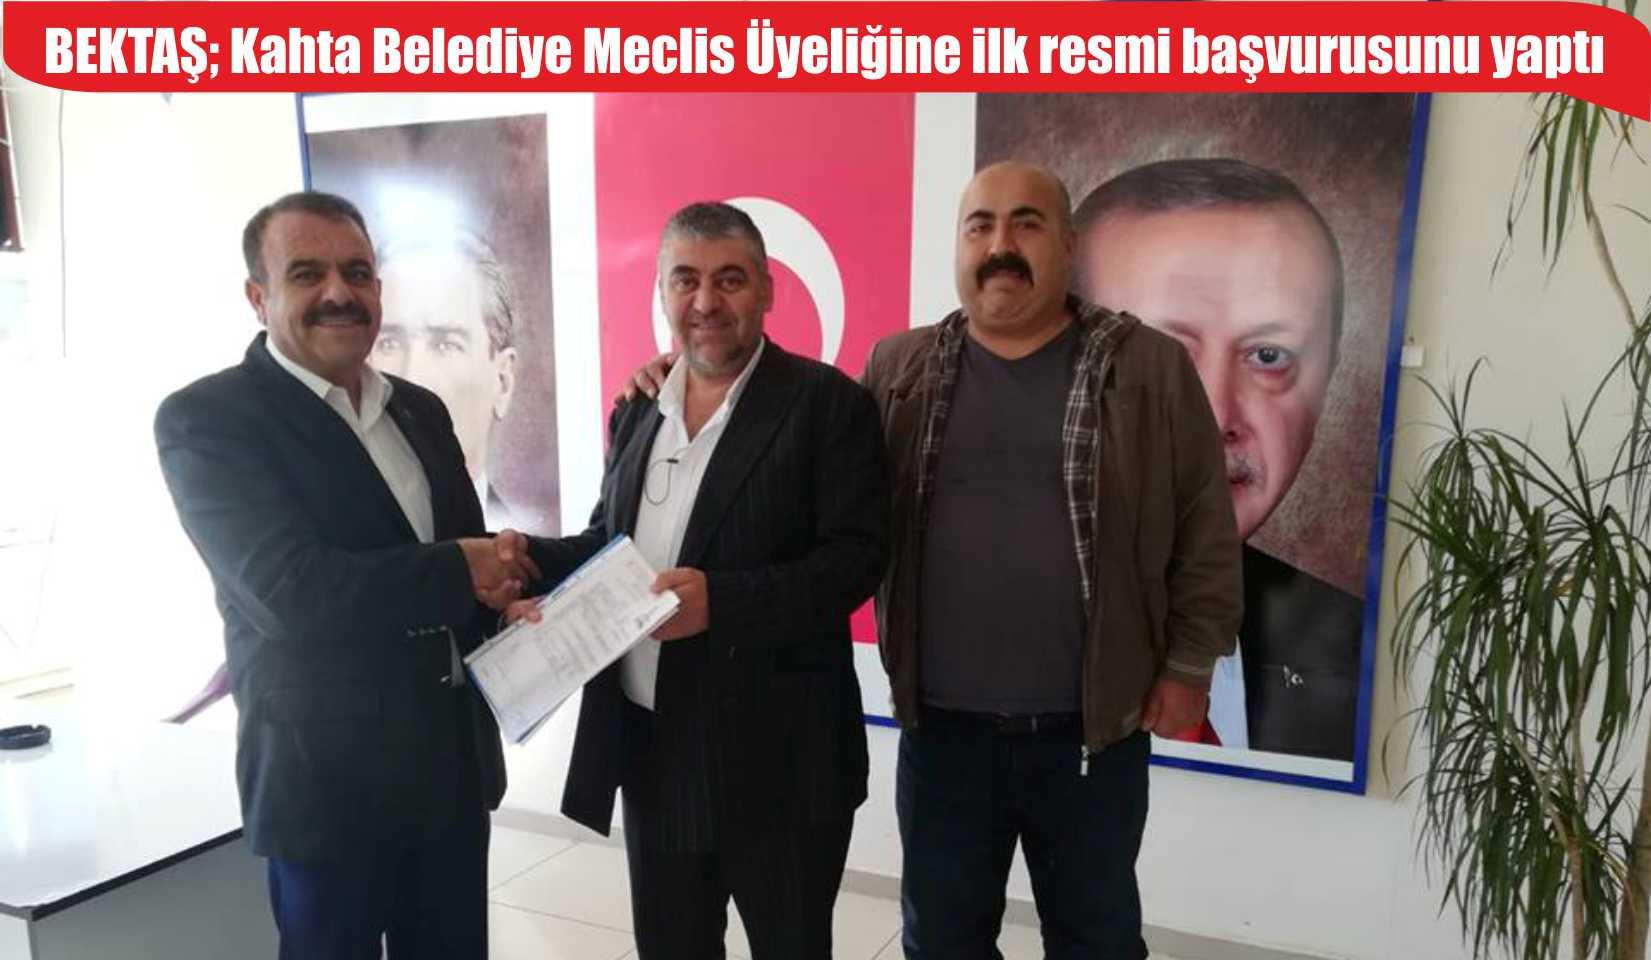 BEKTAŞ; Kahta Belediye Meclis Üyeliğine ilk resmi başvurusunu yaptı